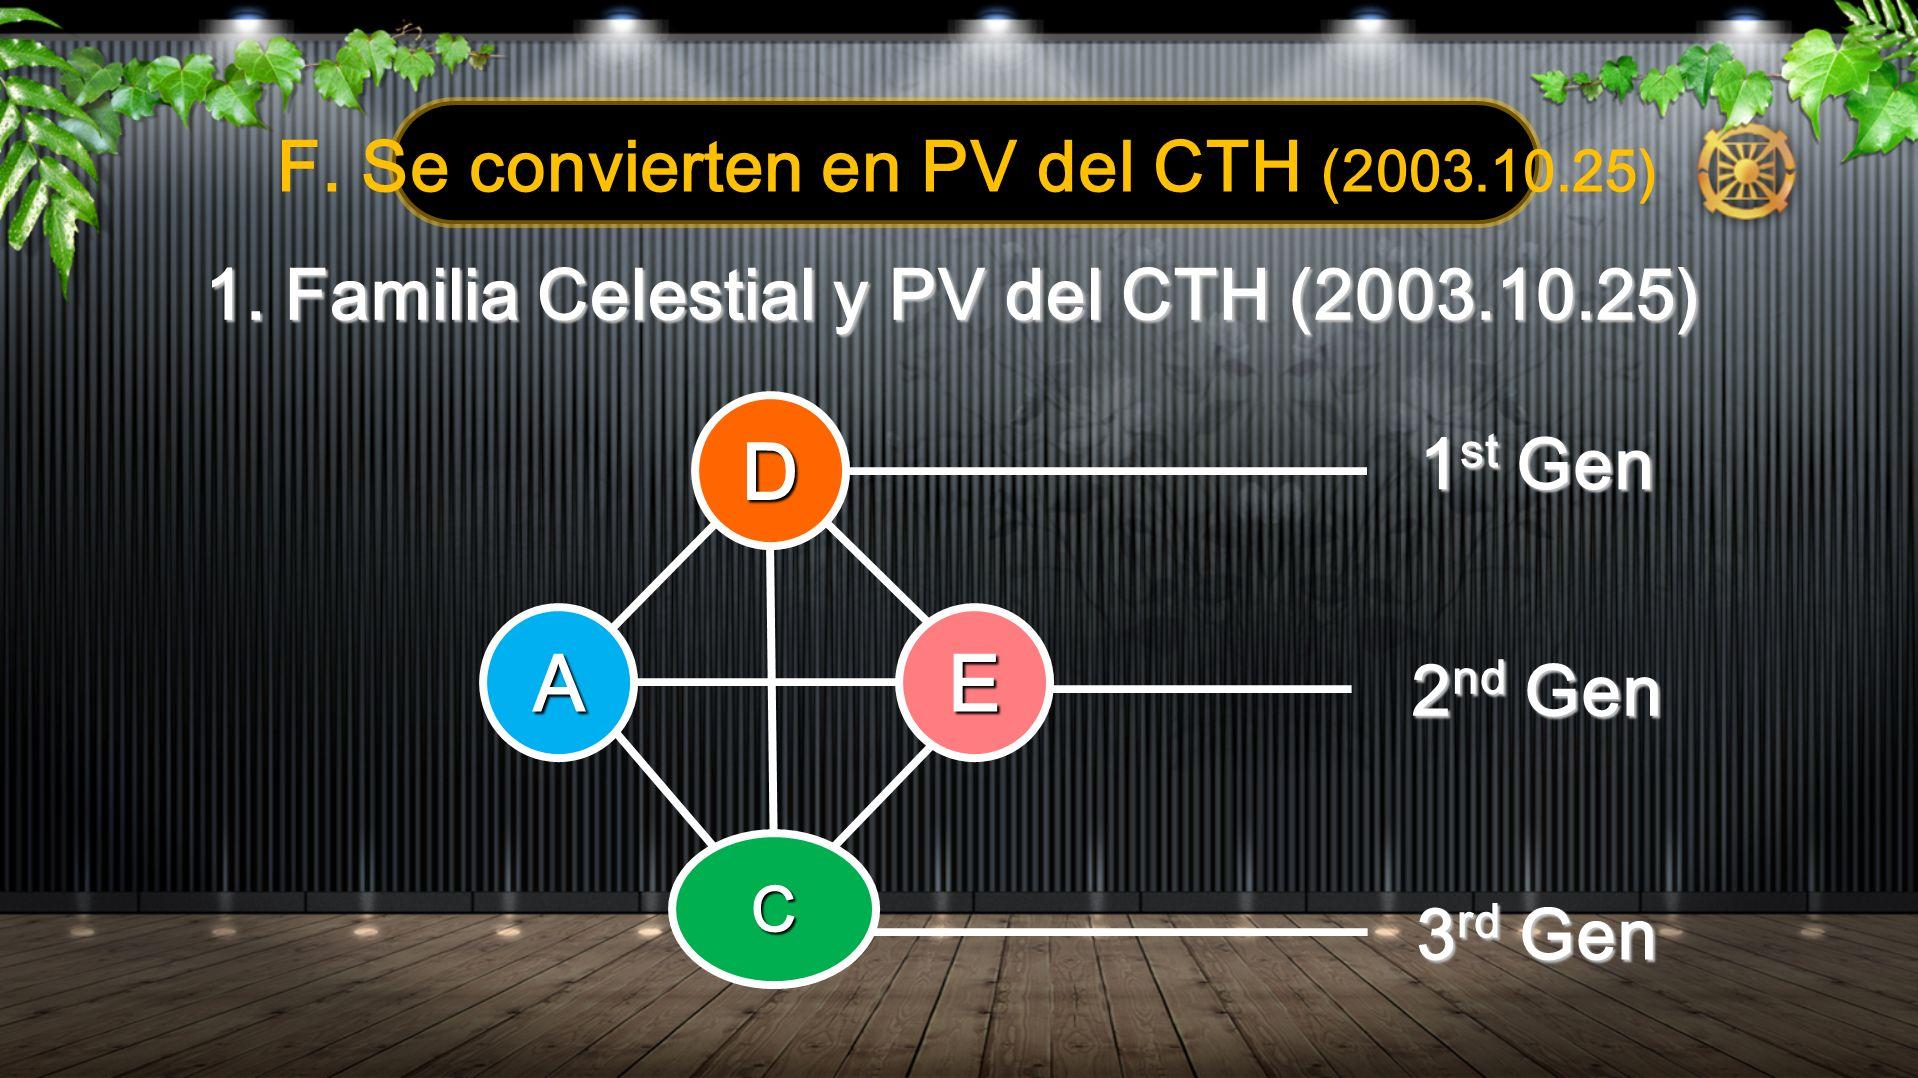 F. Se convierten en PV del CTH (2003.10.25) 1. Familia Celestial y PV del CTH (2003.10.25) 1 st Gen 2 nd Gen 3 rd Gen D AE C